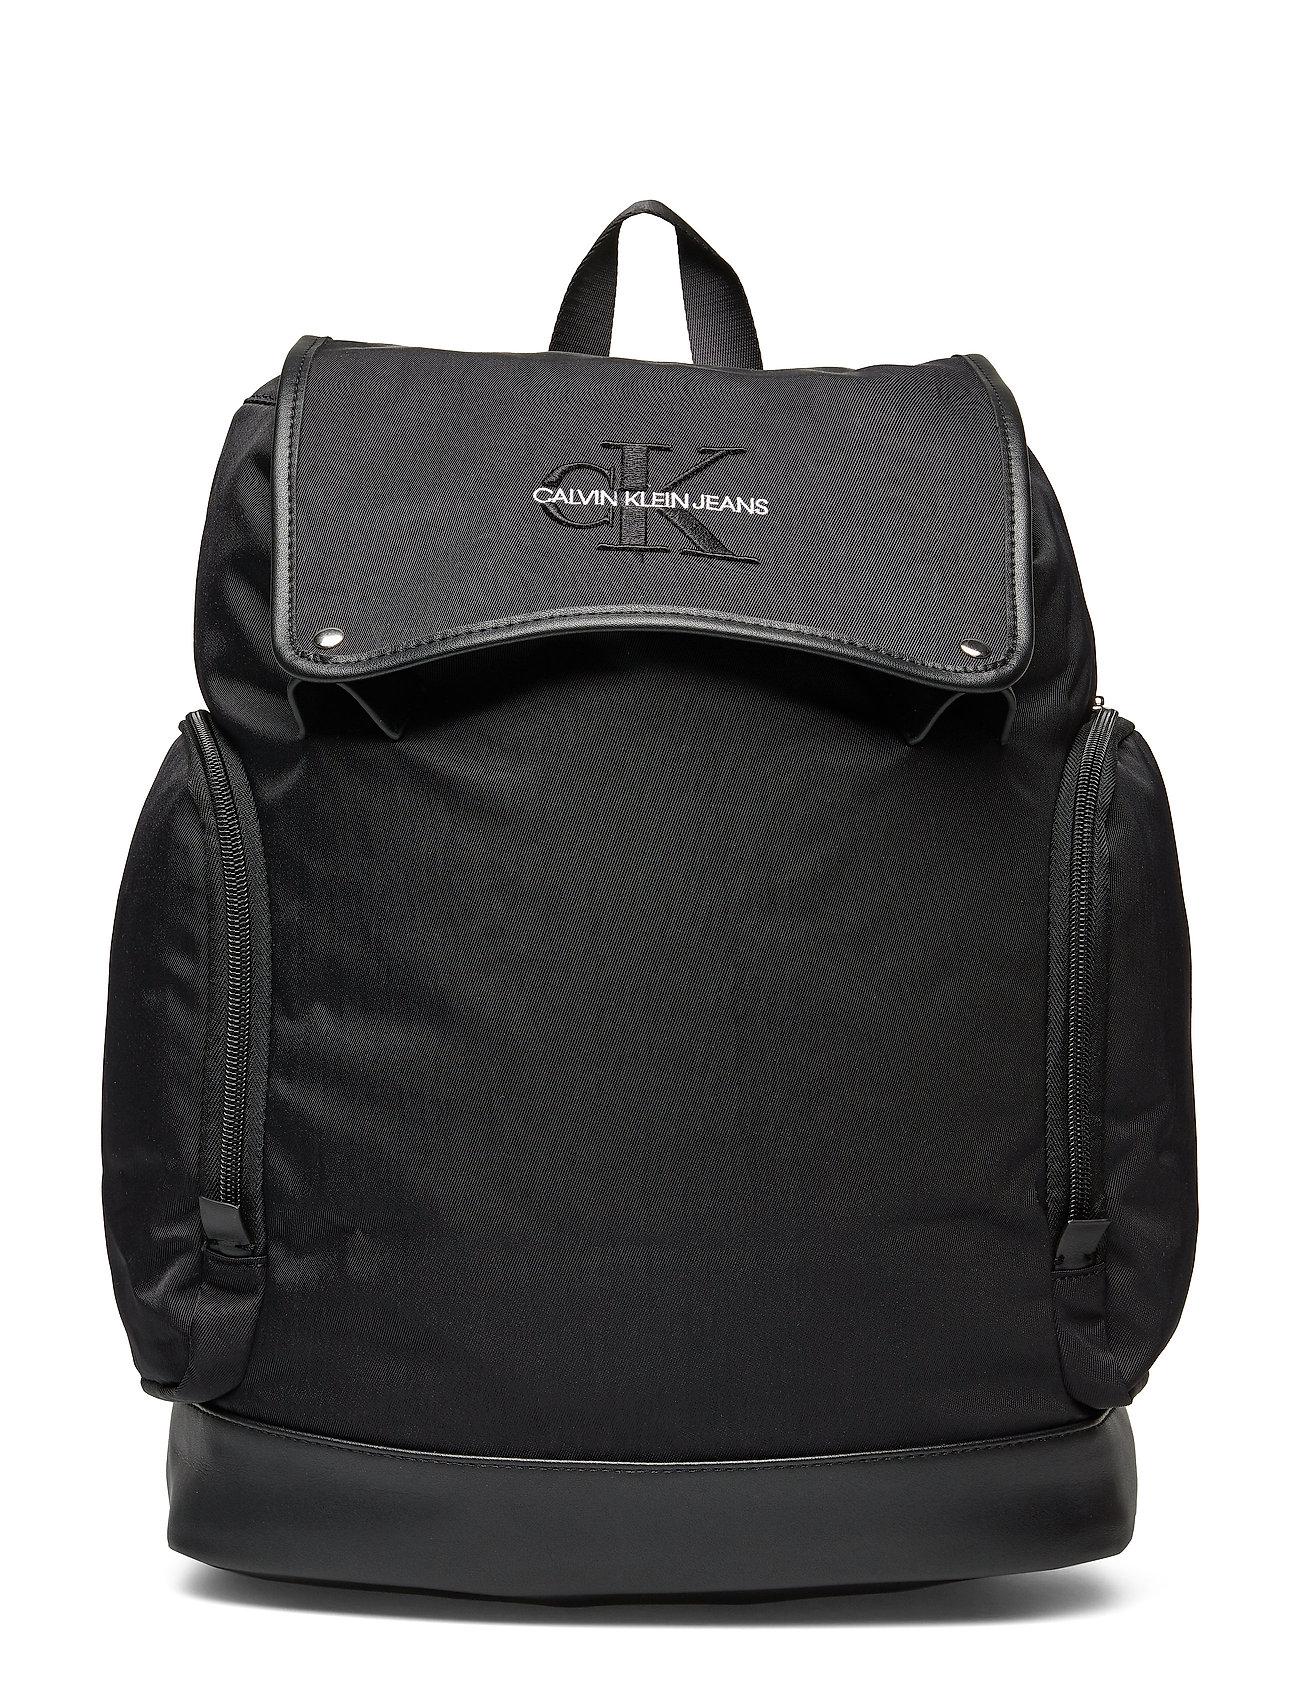 Calvin Klein MONOGRAM NYLON FLAP - BLACK